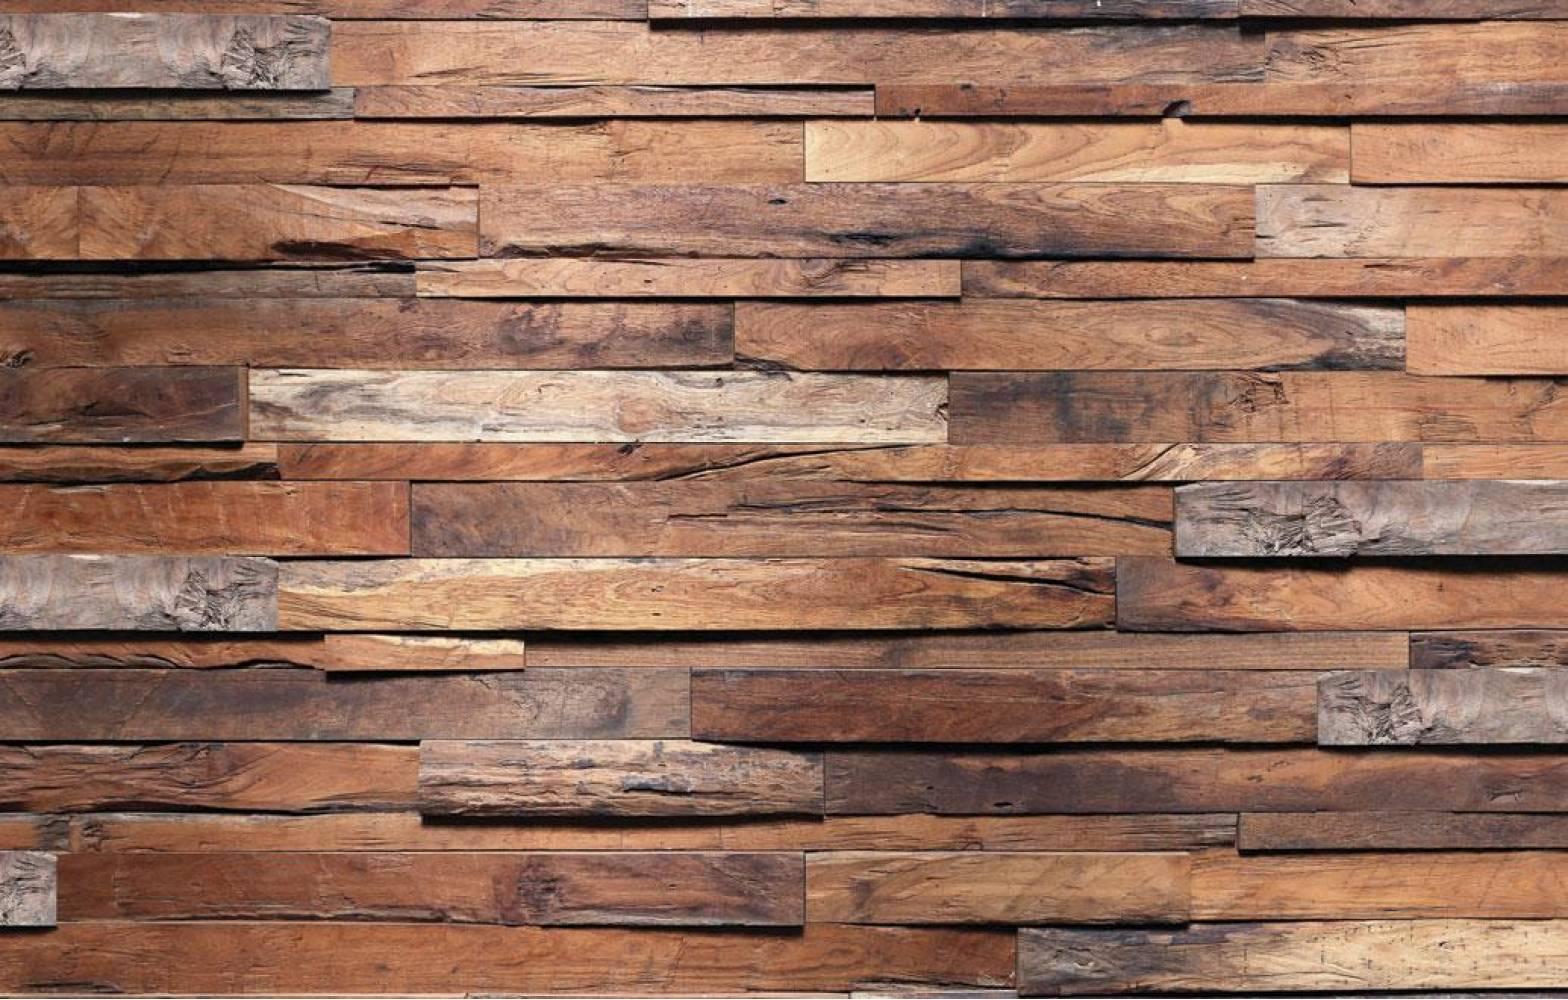 Кухонная панель 930 мм AL-26 Скала коричневая Матовая ALDIO